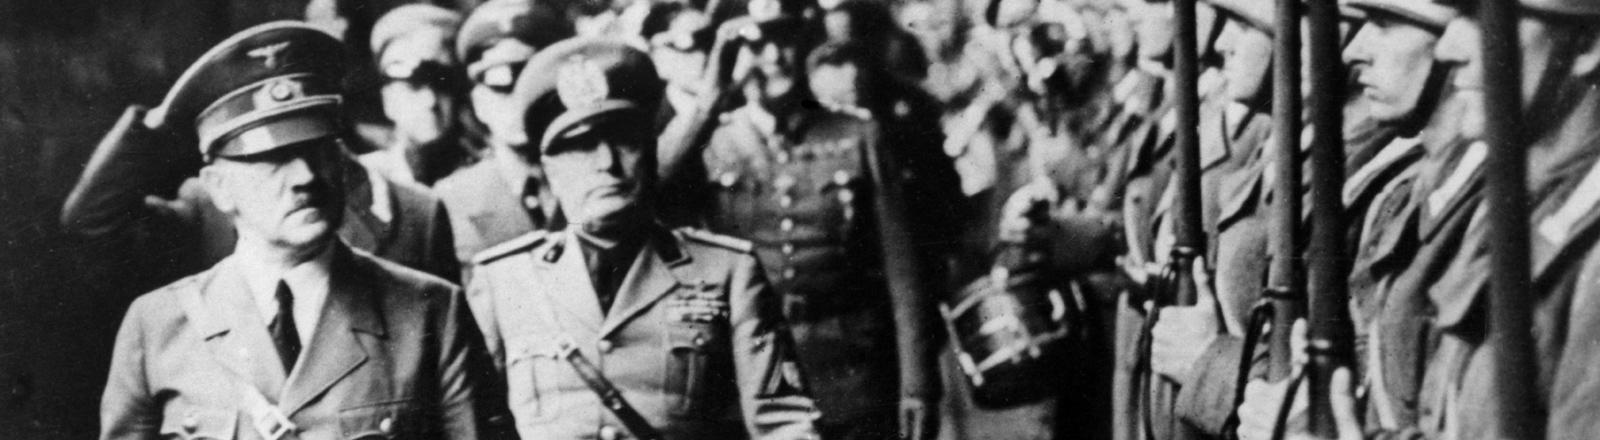 Der deutsche Diktator Adolf Hitler (l) und der italienische Diktator Benito Mussolini (rechts dahinter) inspizieren eine italienische Truppe am Brenner Pass an der deutsch-italienischen Grenze kurz vor ihrer Konferenz über die militärischen und politischen Kampagnen für den kommenden Winter. Aufnahme vom Oktober 1940.